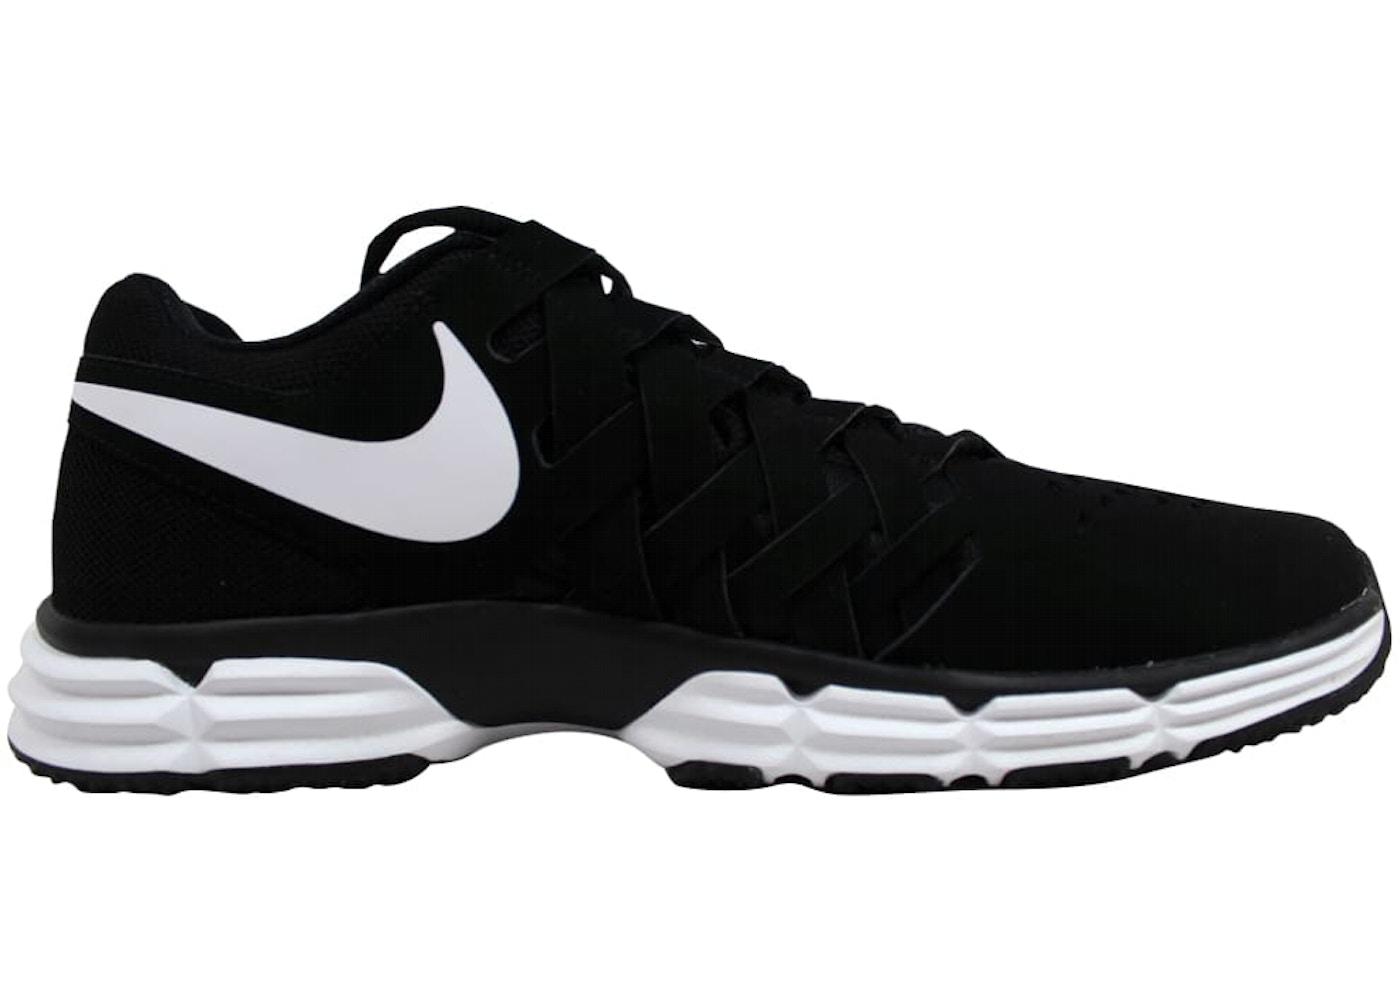 a8af821601b8 Nike Lunar Fingertrap TR Black White-Black - 898066-001